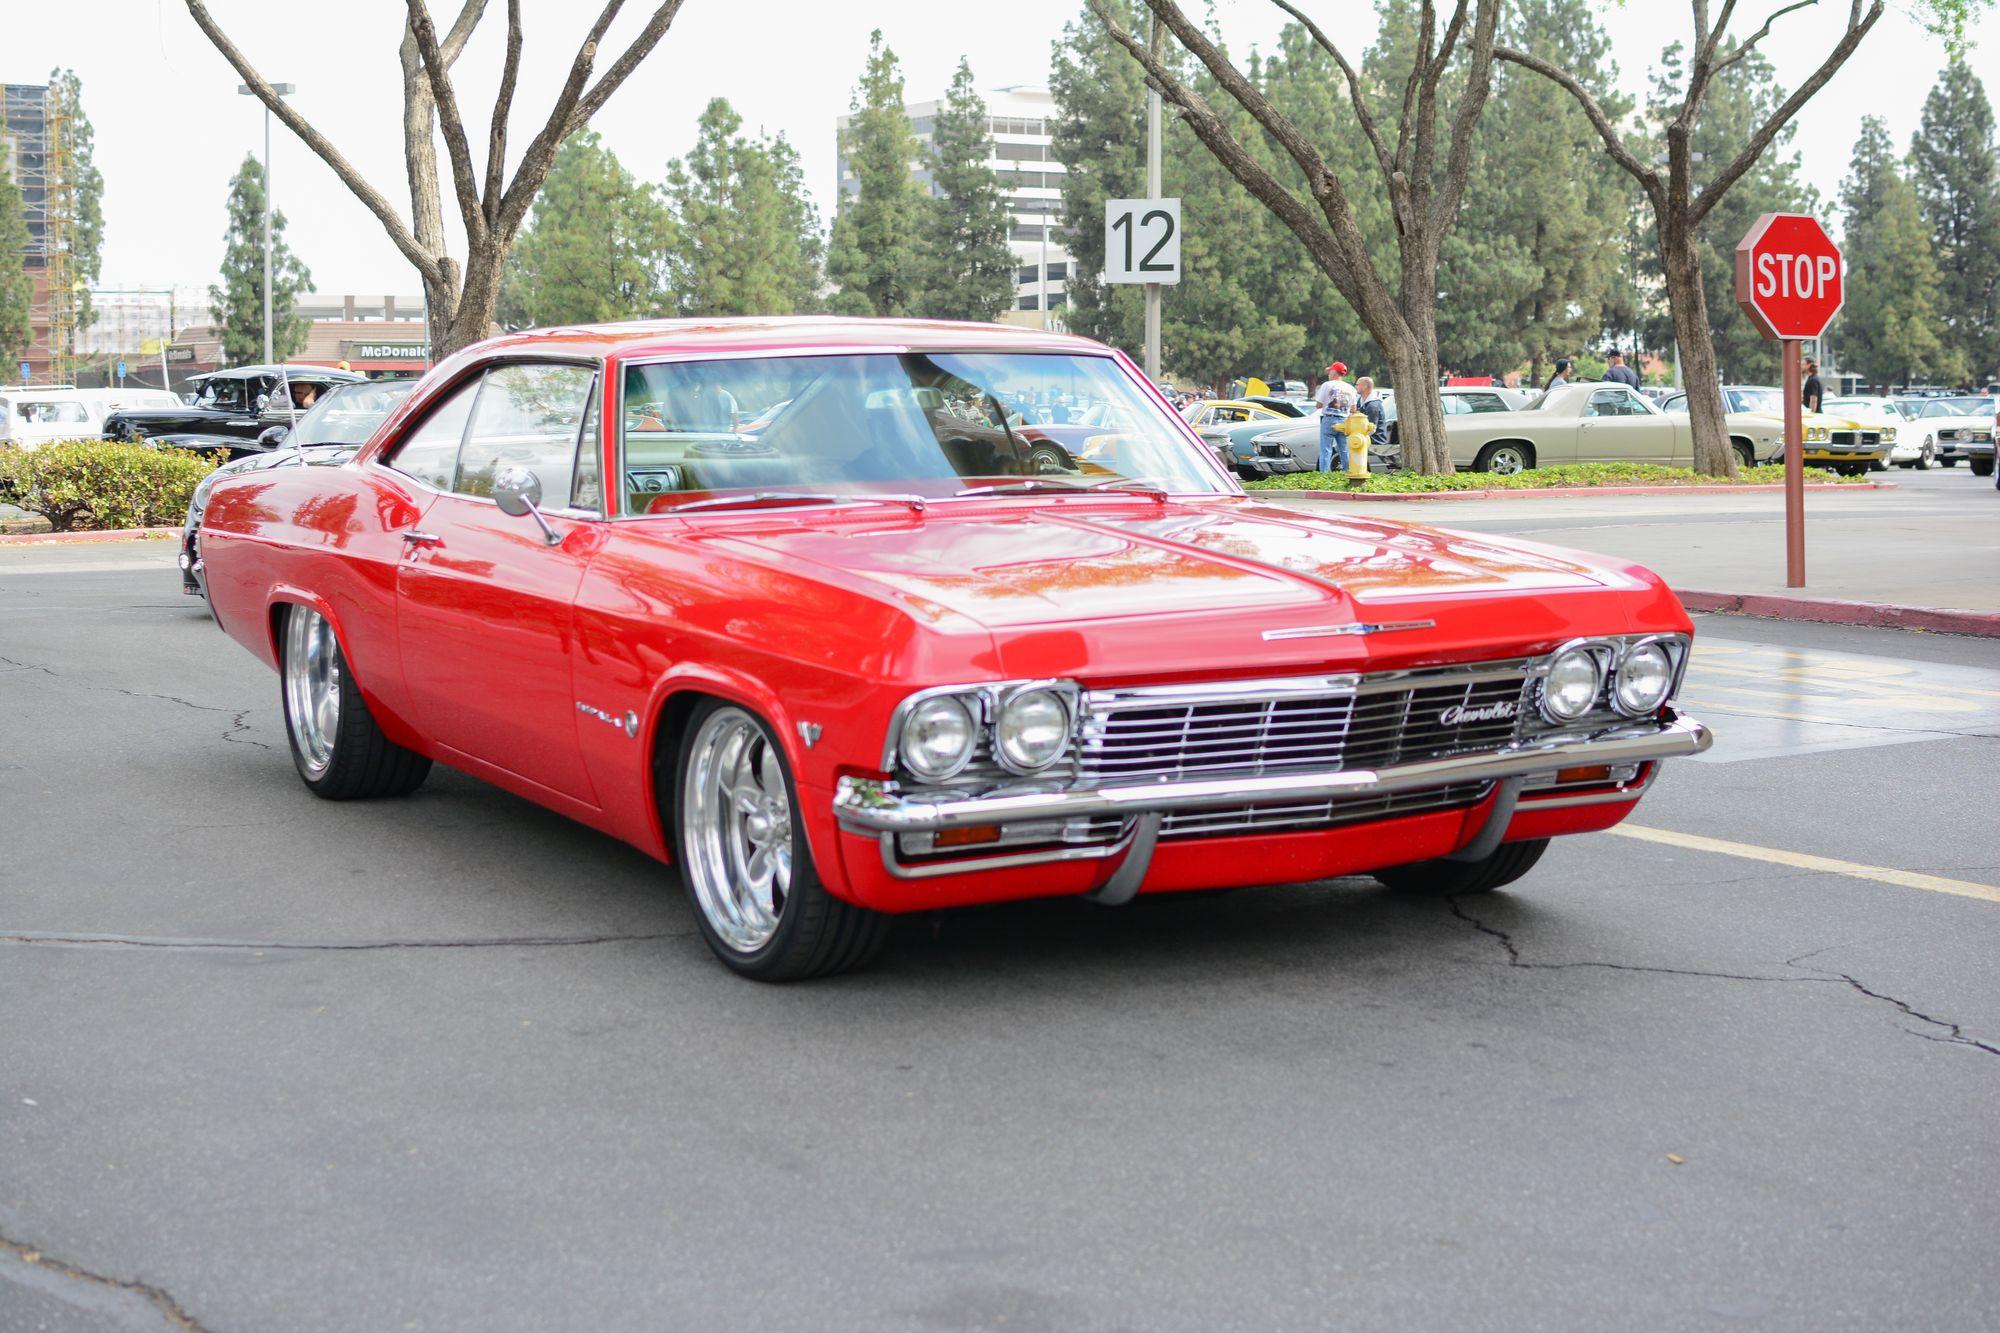 Μια κόκκινη Chevrolet Impala